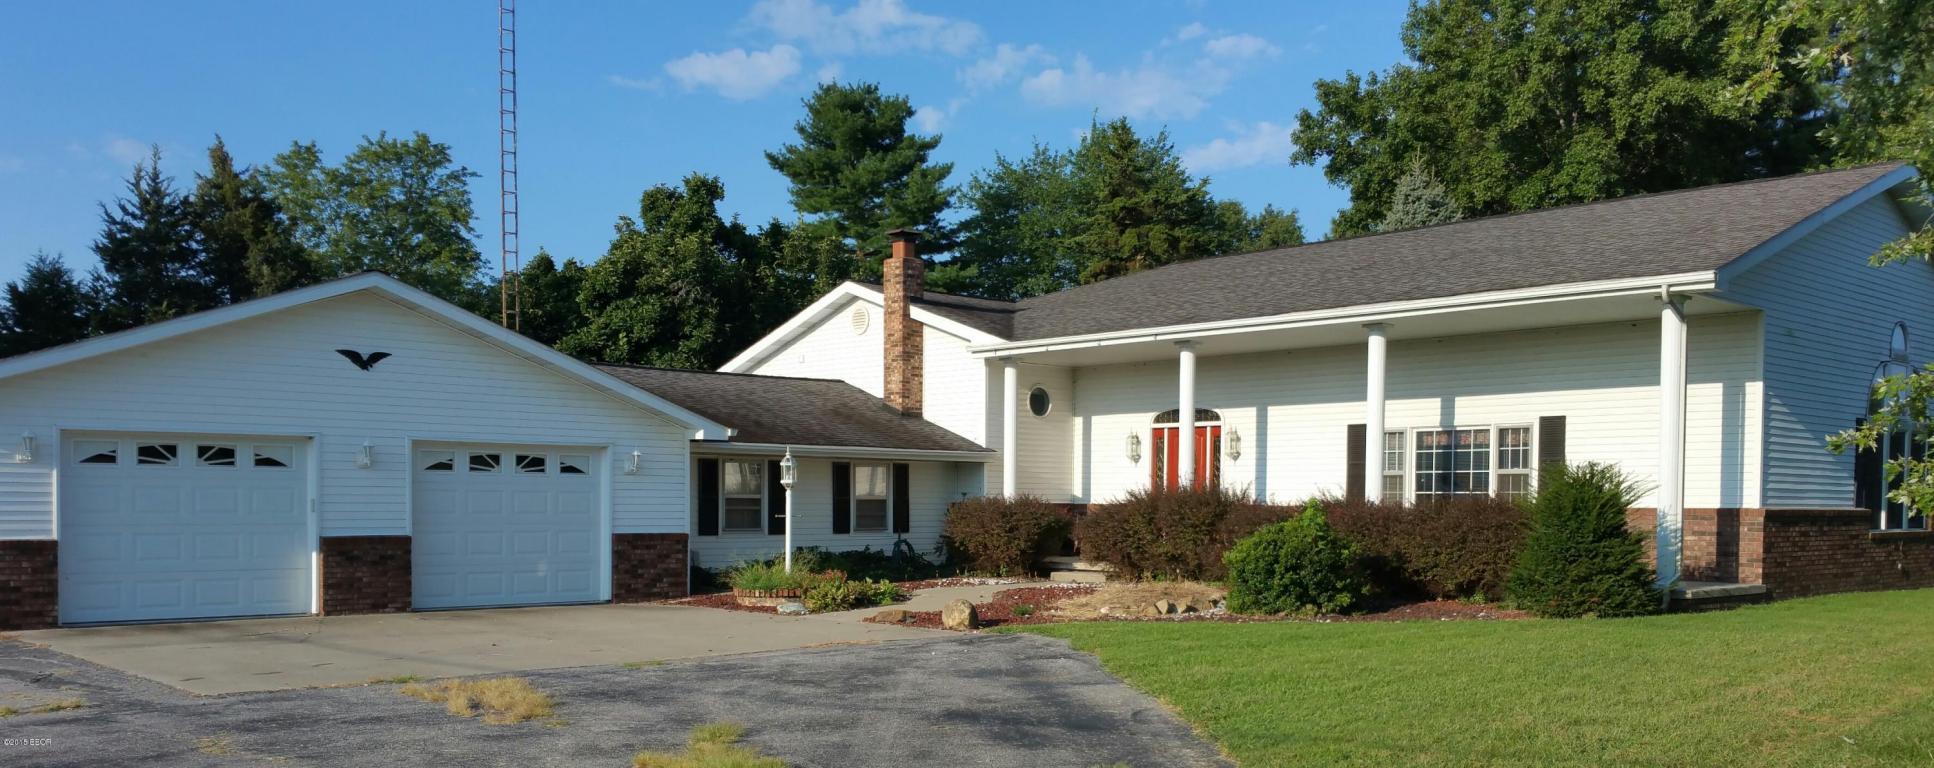 Real Estate for Sale, ListingId: 34947144, Mt Vernon,IL62864